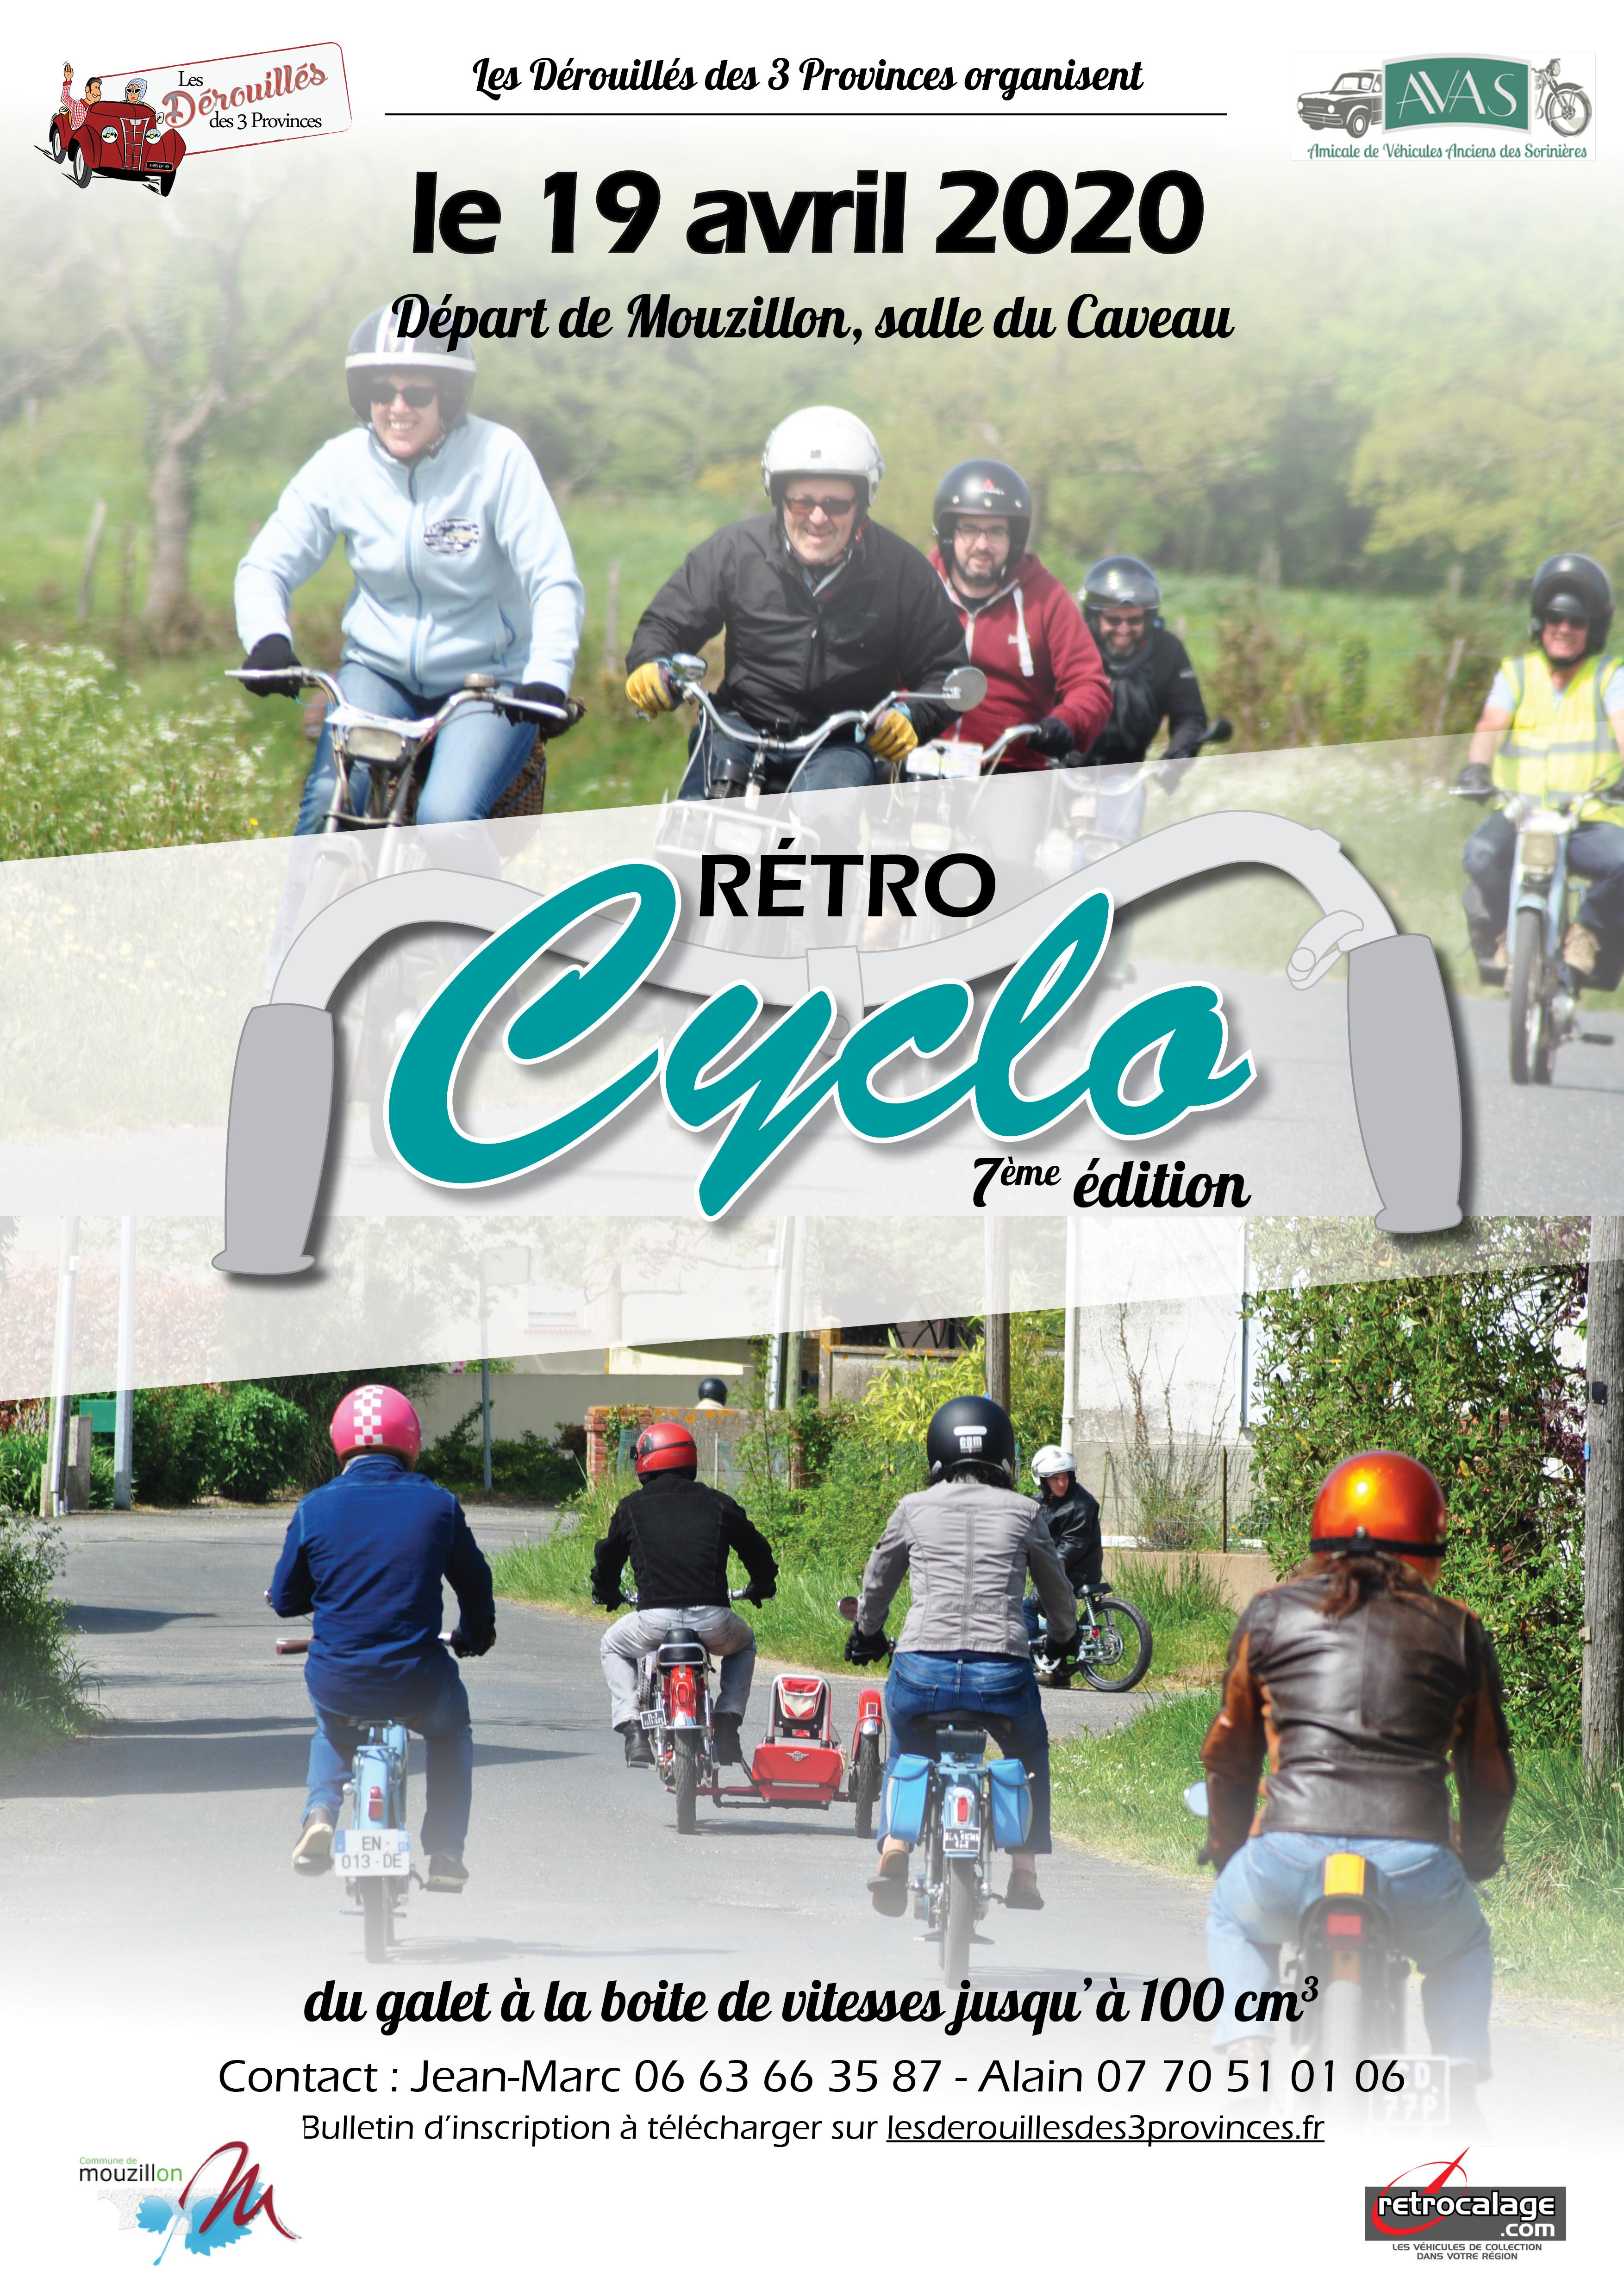 19 avril 2020 7e Rétro Cyclo  44 - Mouzillon 2020Retrocyclo2020